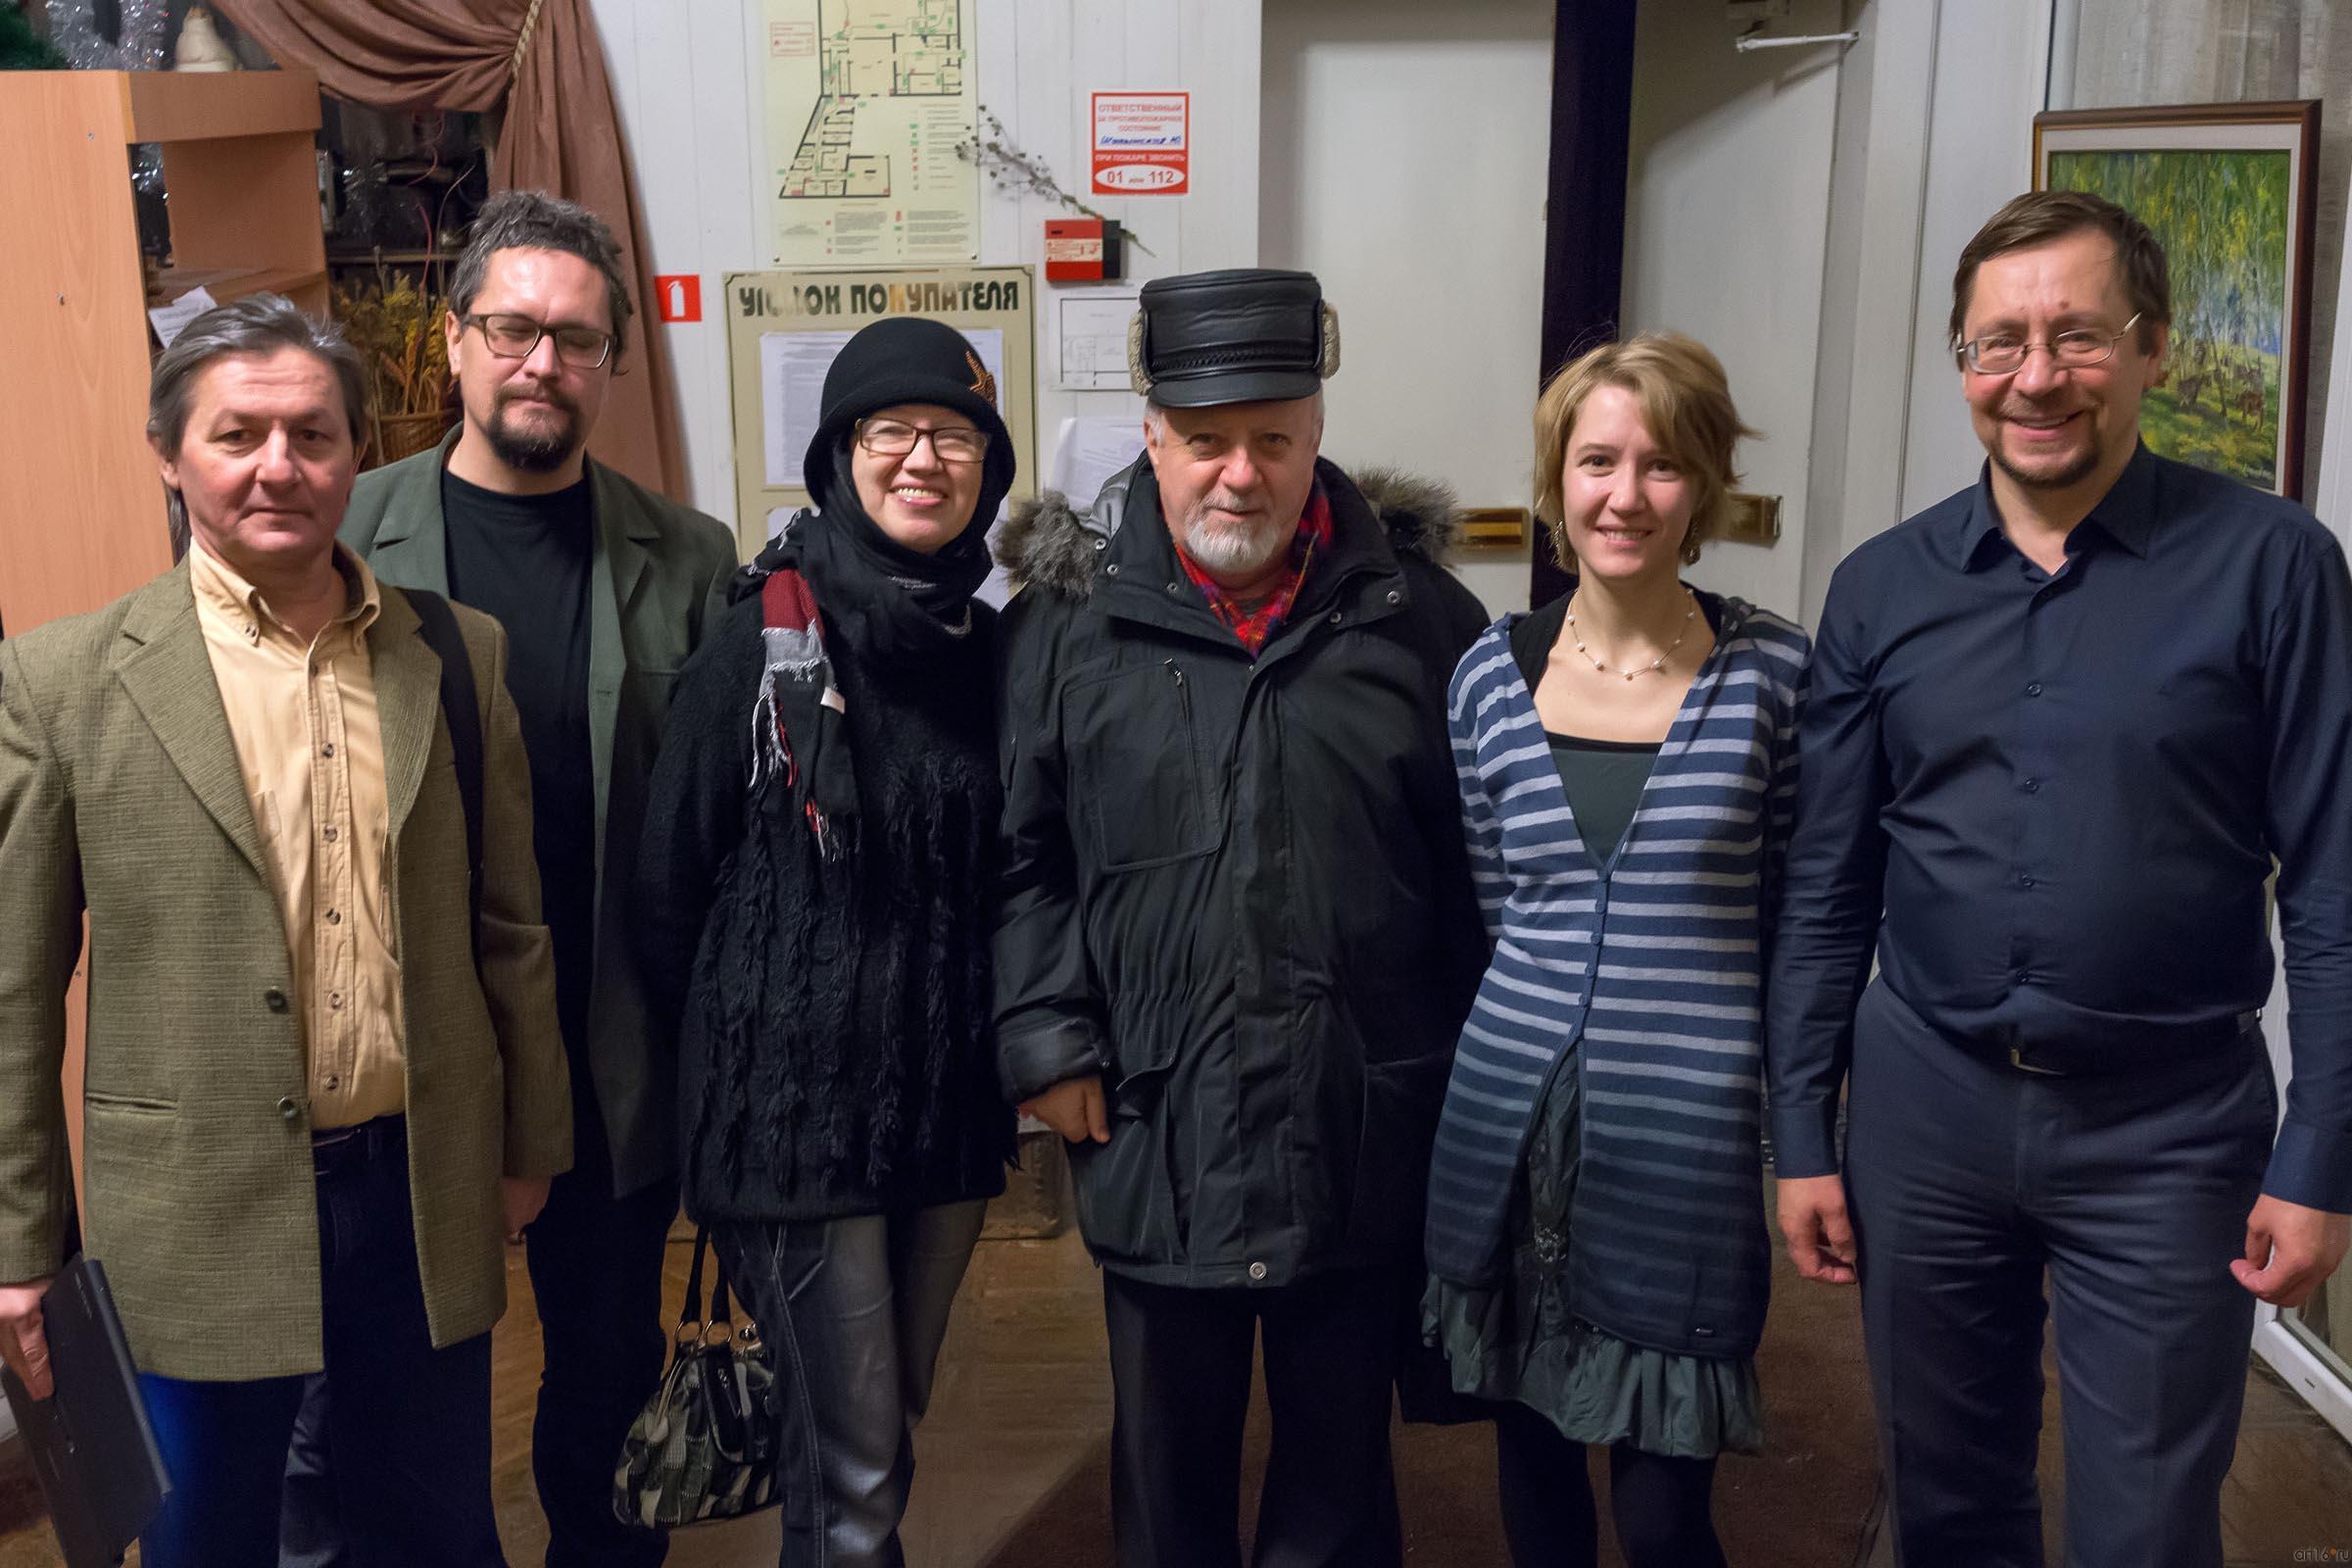 Салихов, Пивоваров, Ахунова, Вайнер, Сушкова, ...::Полдень. Выставка Ольги Сушковой и Светланы Зайцевой